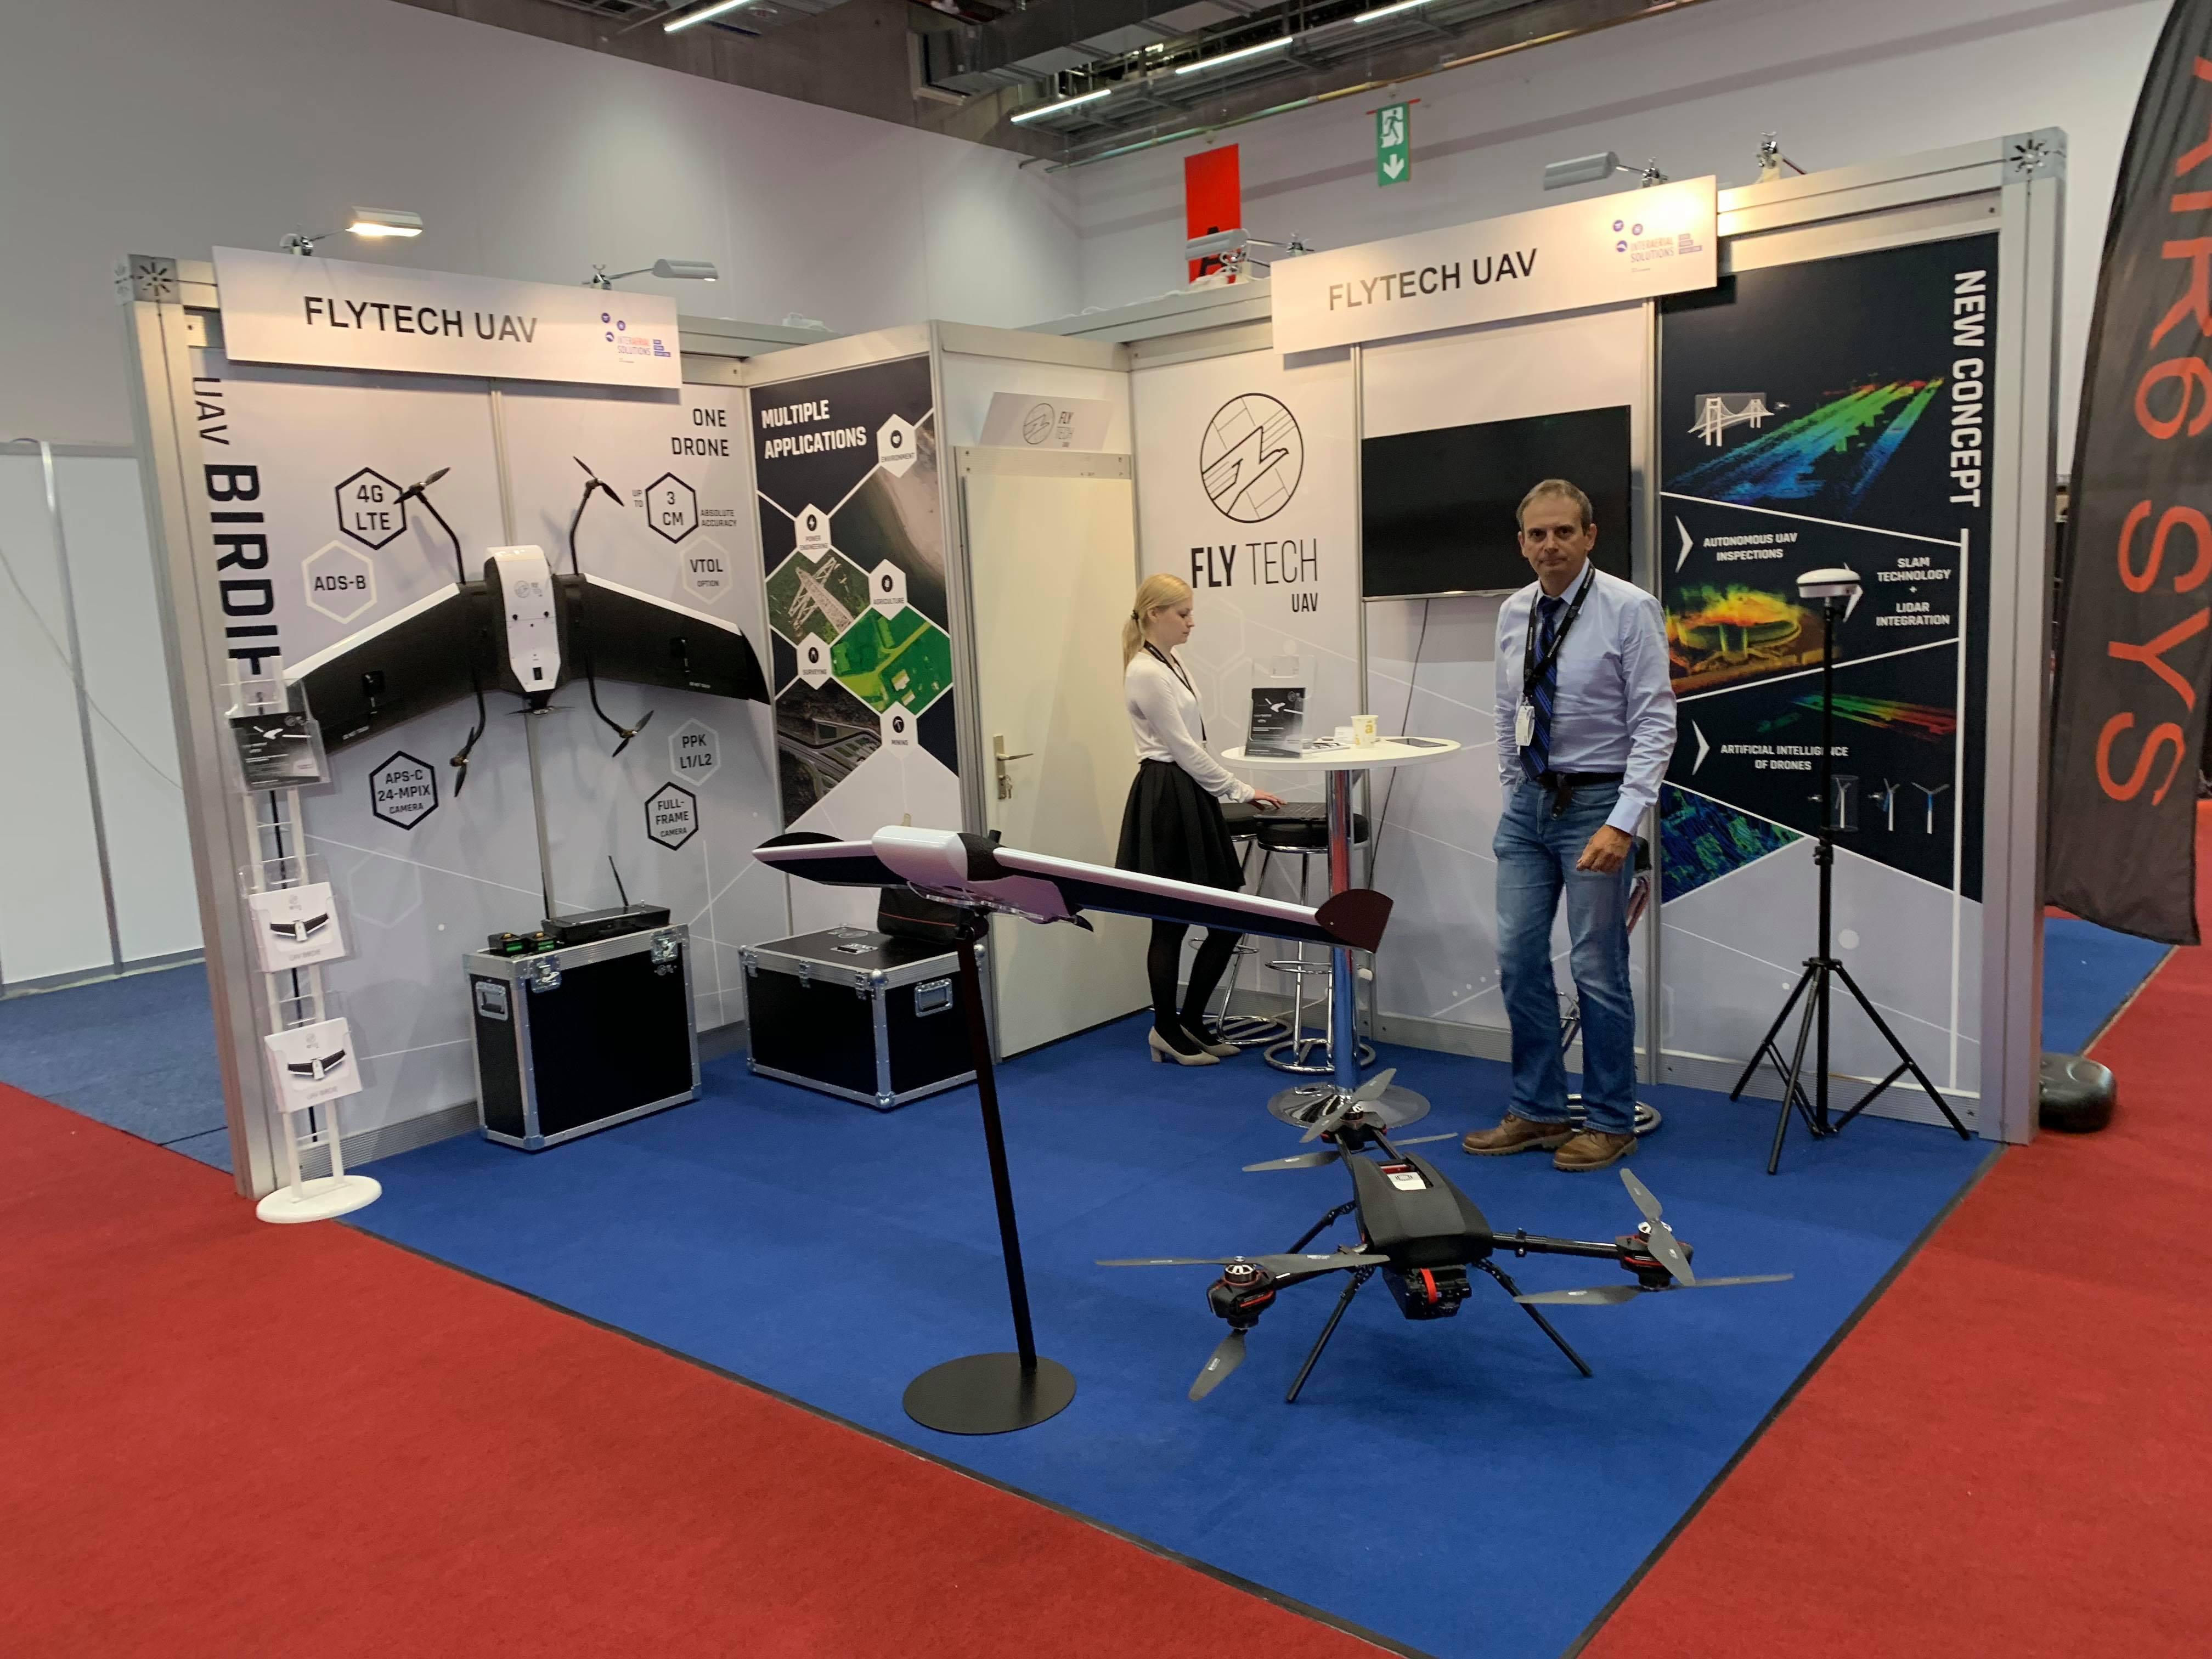 Stoisko FlyTech UAV na Intergeo 2018